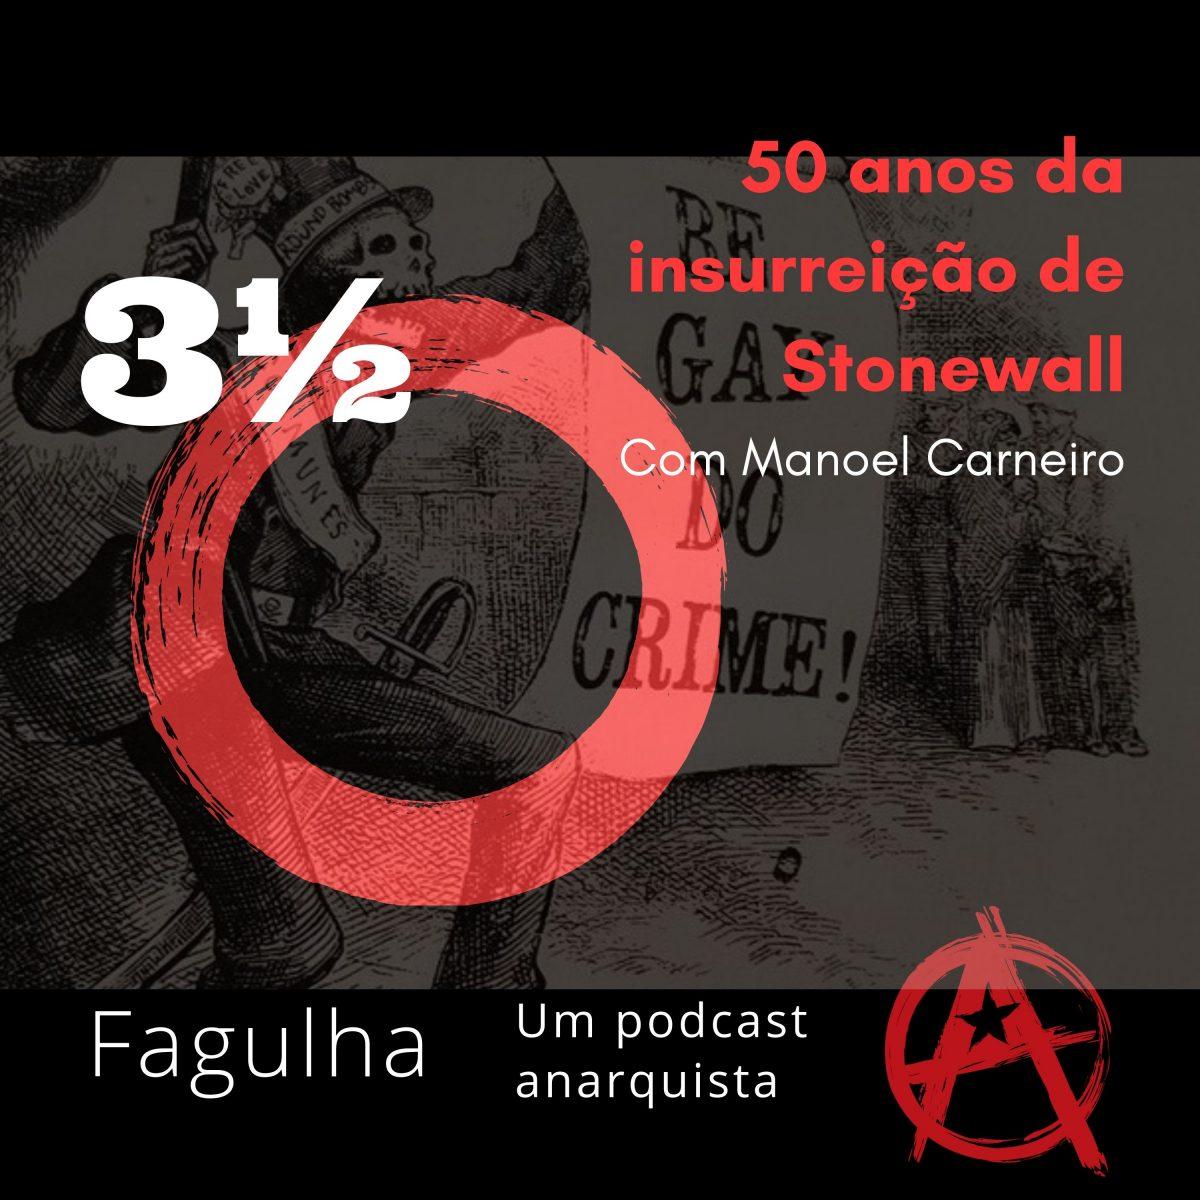 #03½: 50 anos da insurreição de Stonewall, com Manoel Carneiro